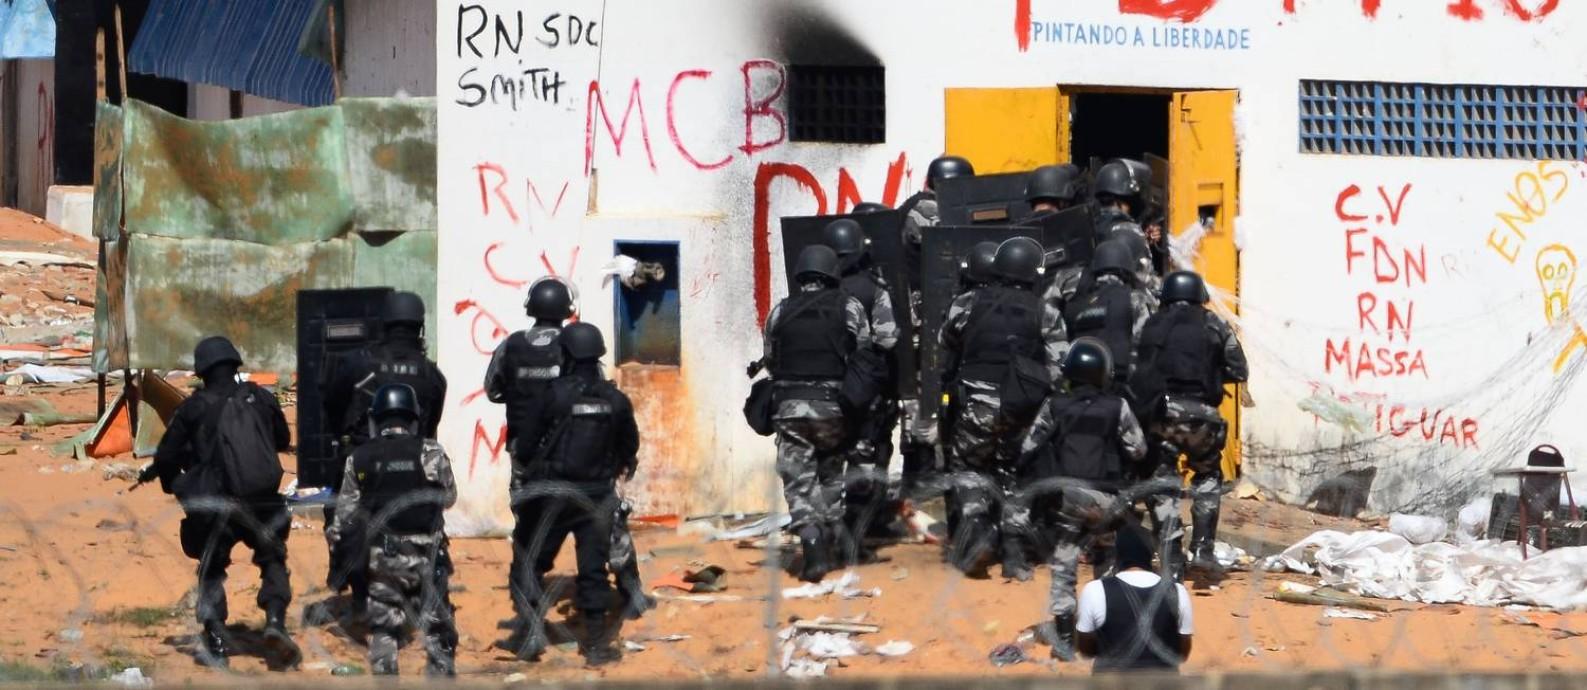 PM entra em presídio do RN para transferir presos Foto: ANDRESSA ANHOLETE / AFP